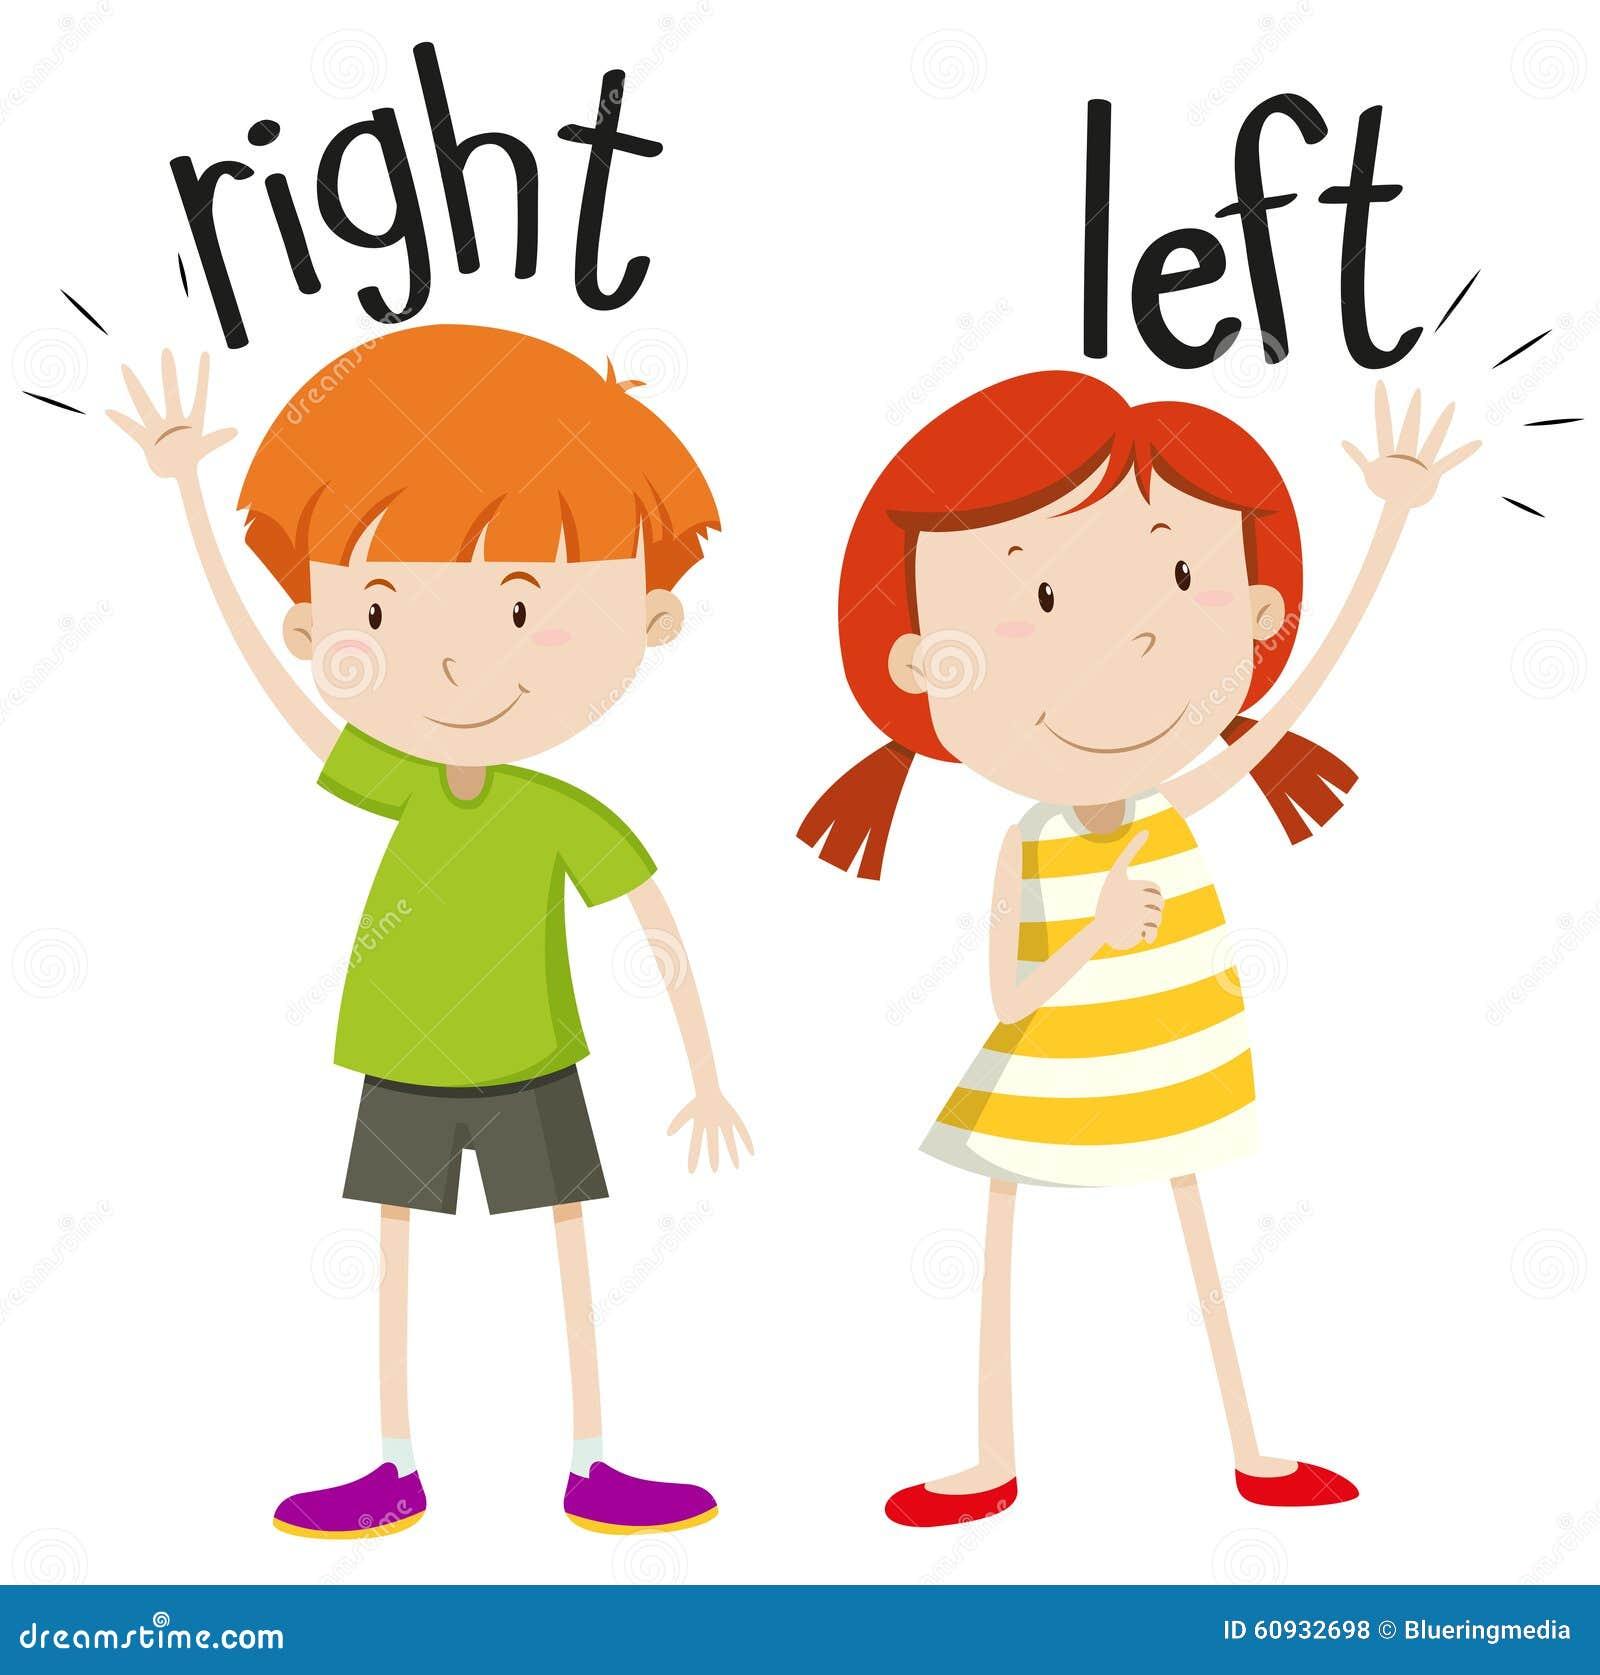 Ragazzo sulla ragazza giusta a sinistra illustrazione di for Right time images